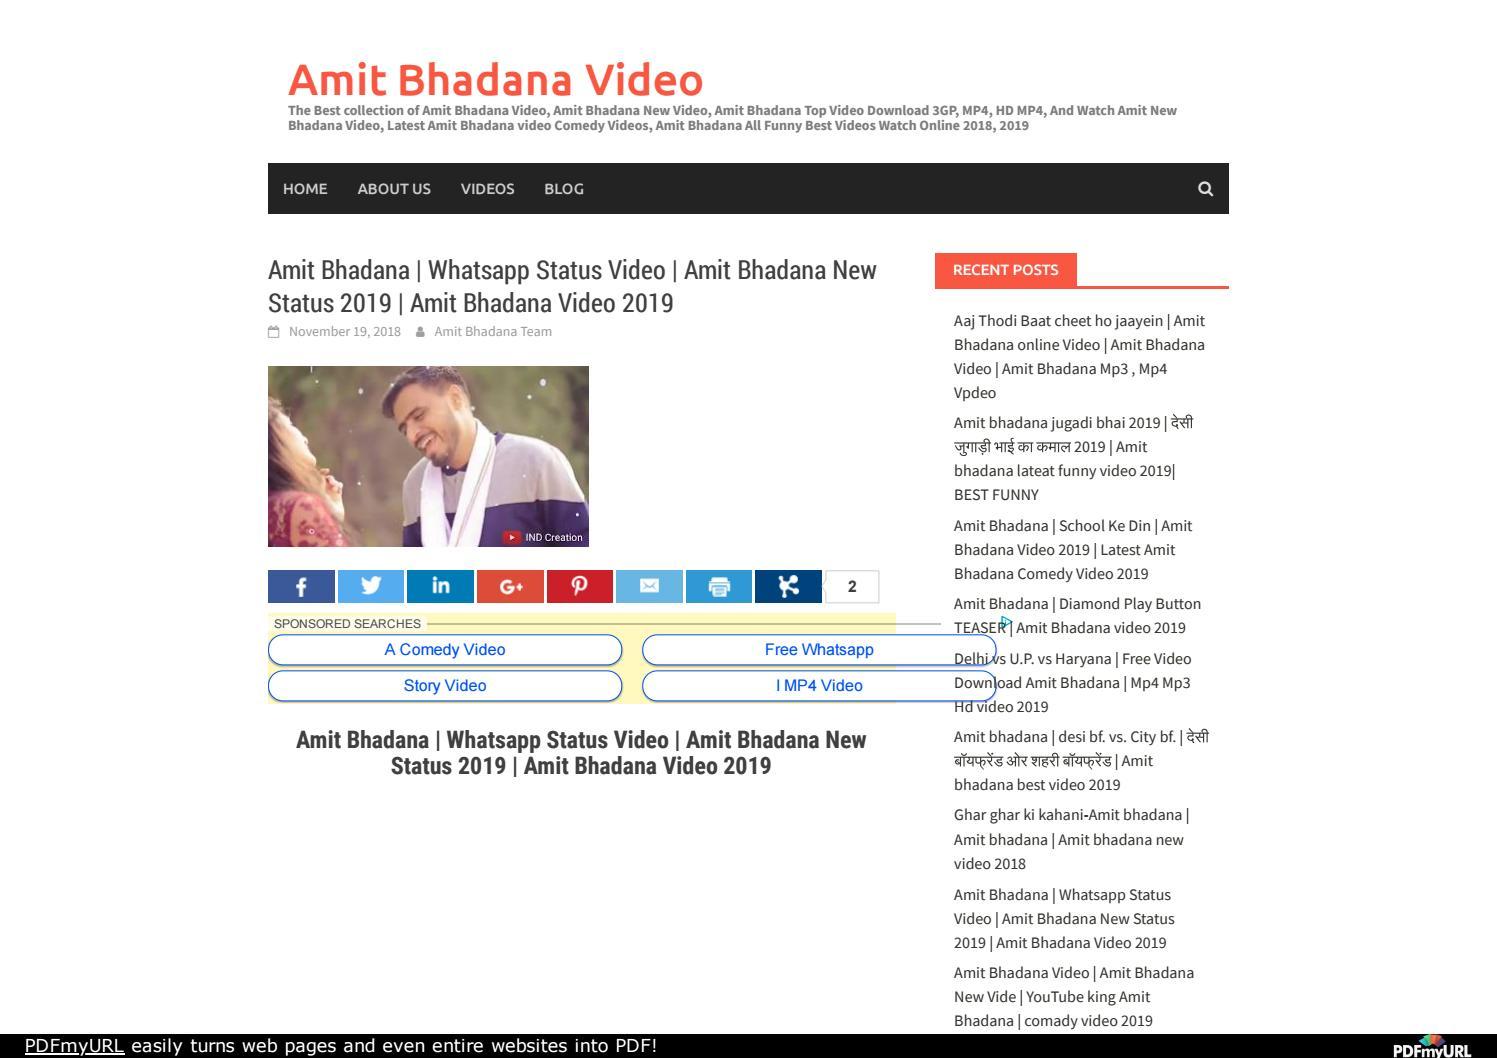 Amit Bhadana | Whatsapp Status Video | Amit Bhadana New Status 2019